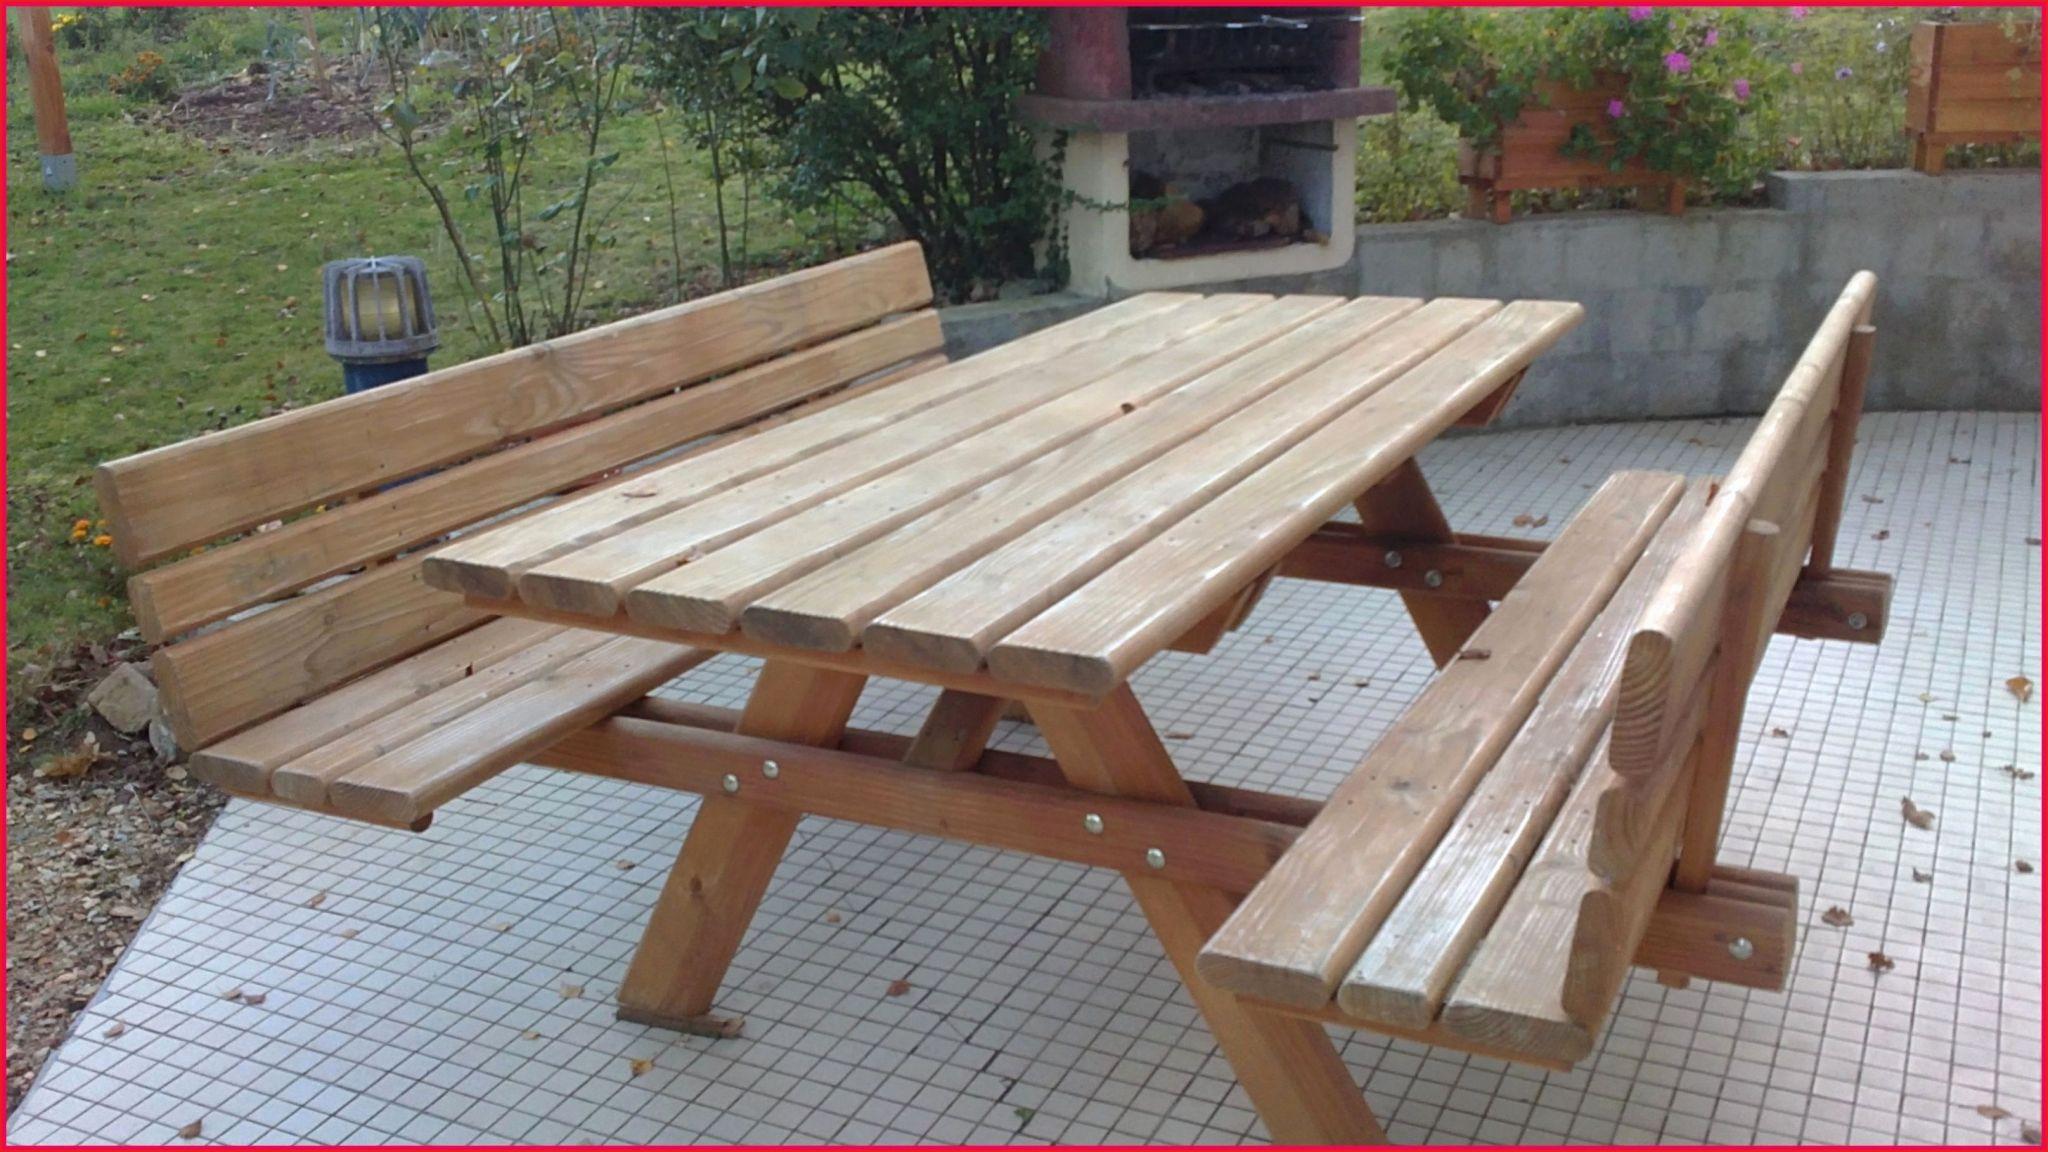 24 Charmant Table Et Banc De Jardin | Salon Jardin avec Table De Jardin En Bois Avec Banc Integre